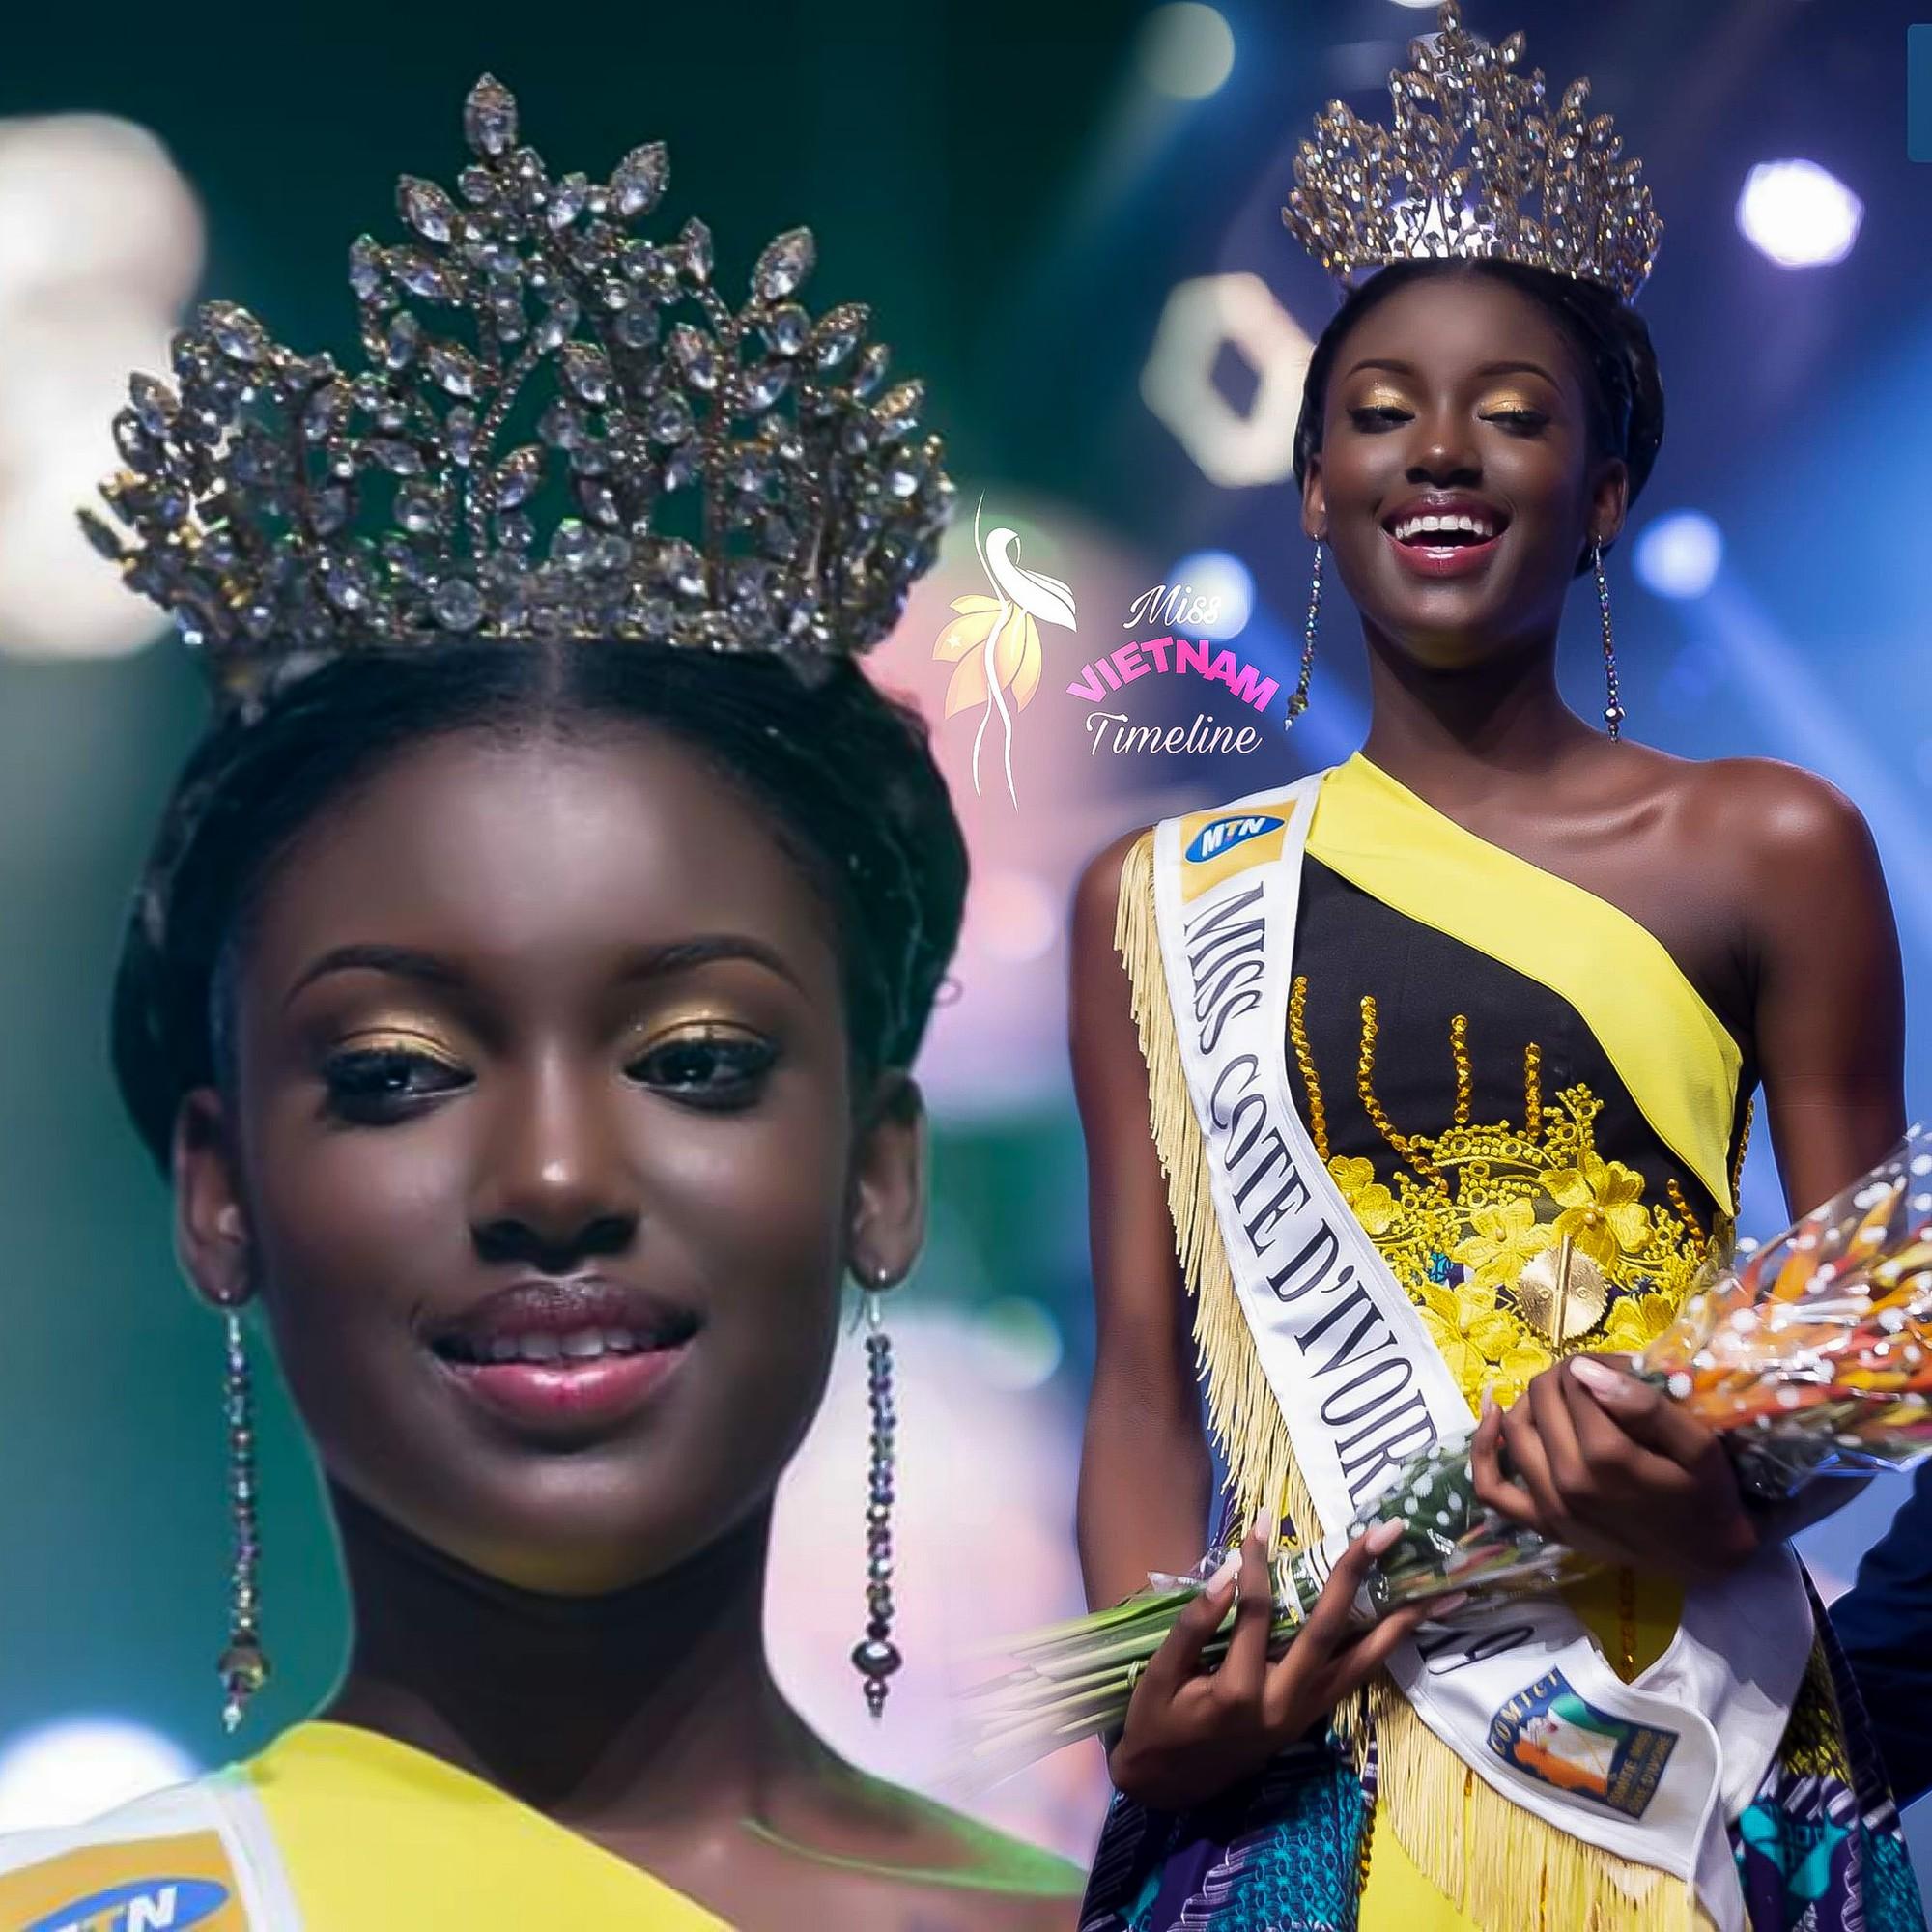 Ngọc đen Bờ Biển Ngà được kì vọng mang về cho châu Phi vương miện Hoa hậu Thế giới  - Ảnh 3.